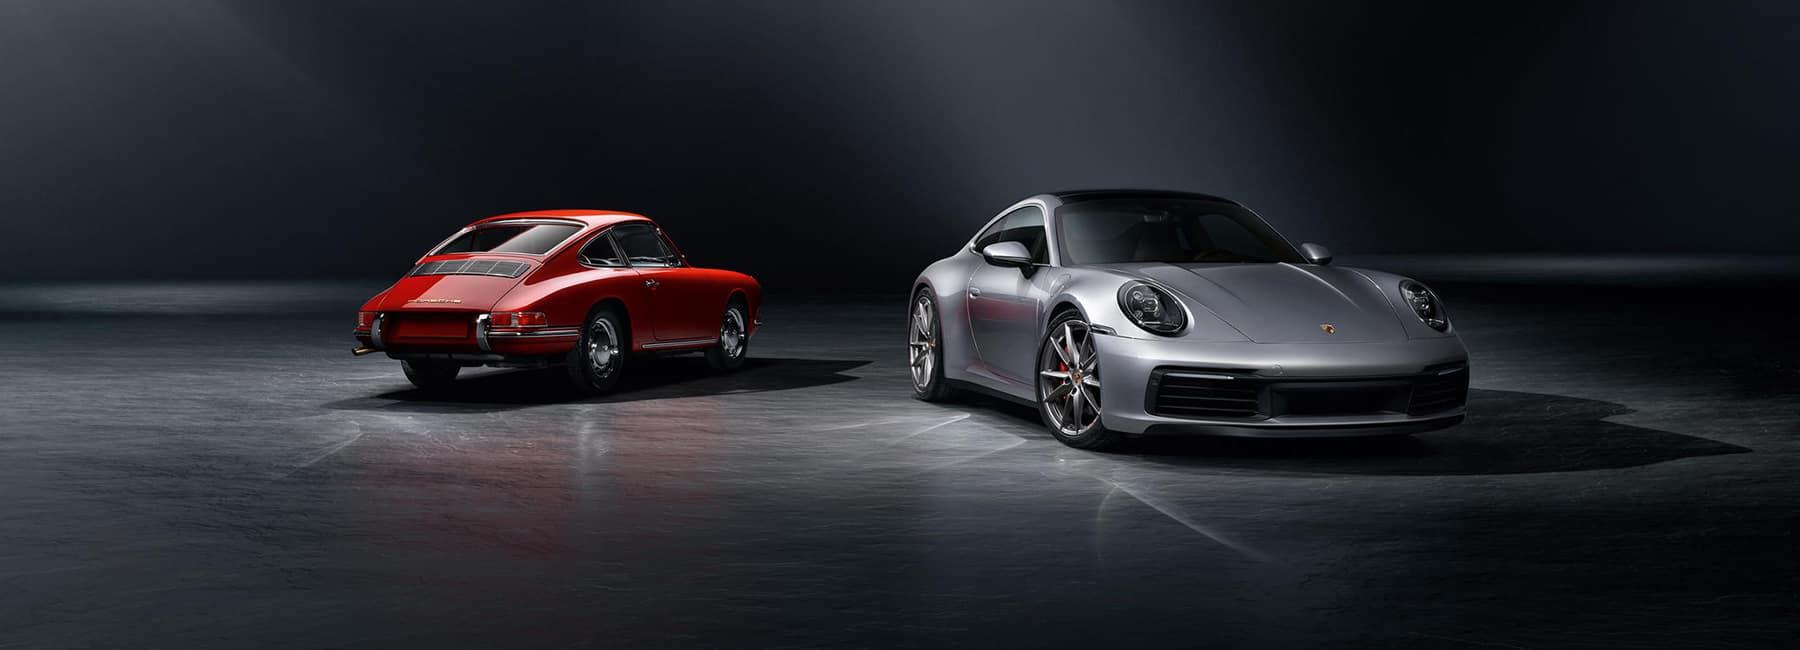 2019 Porsche 911 Evolution